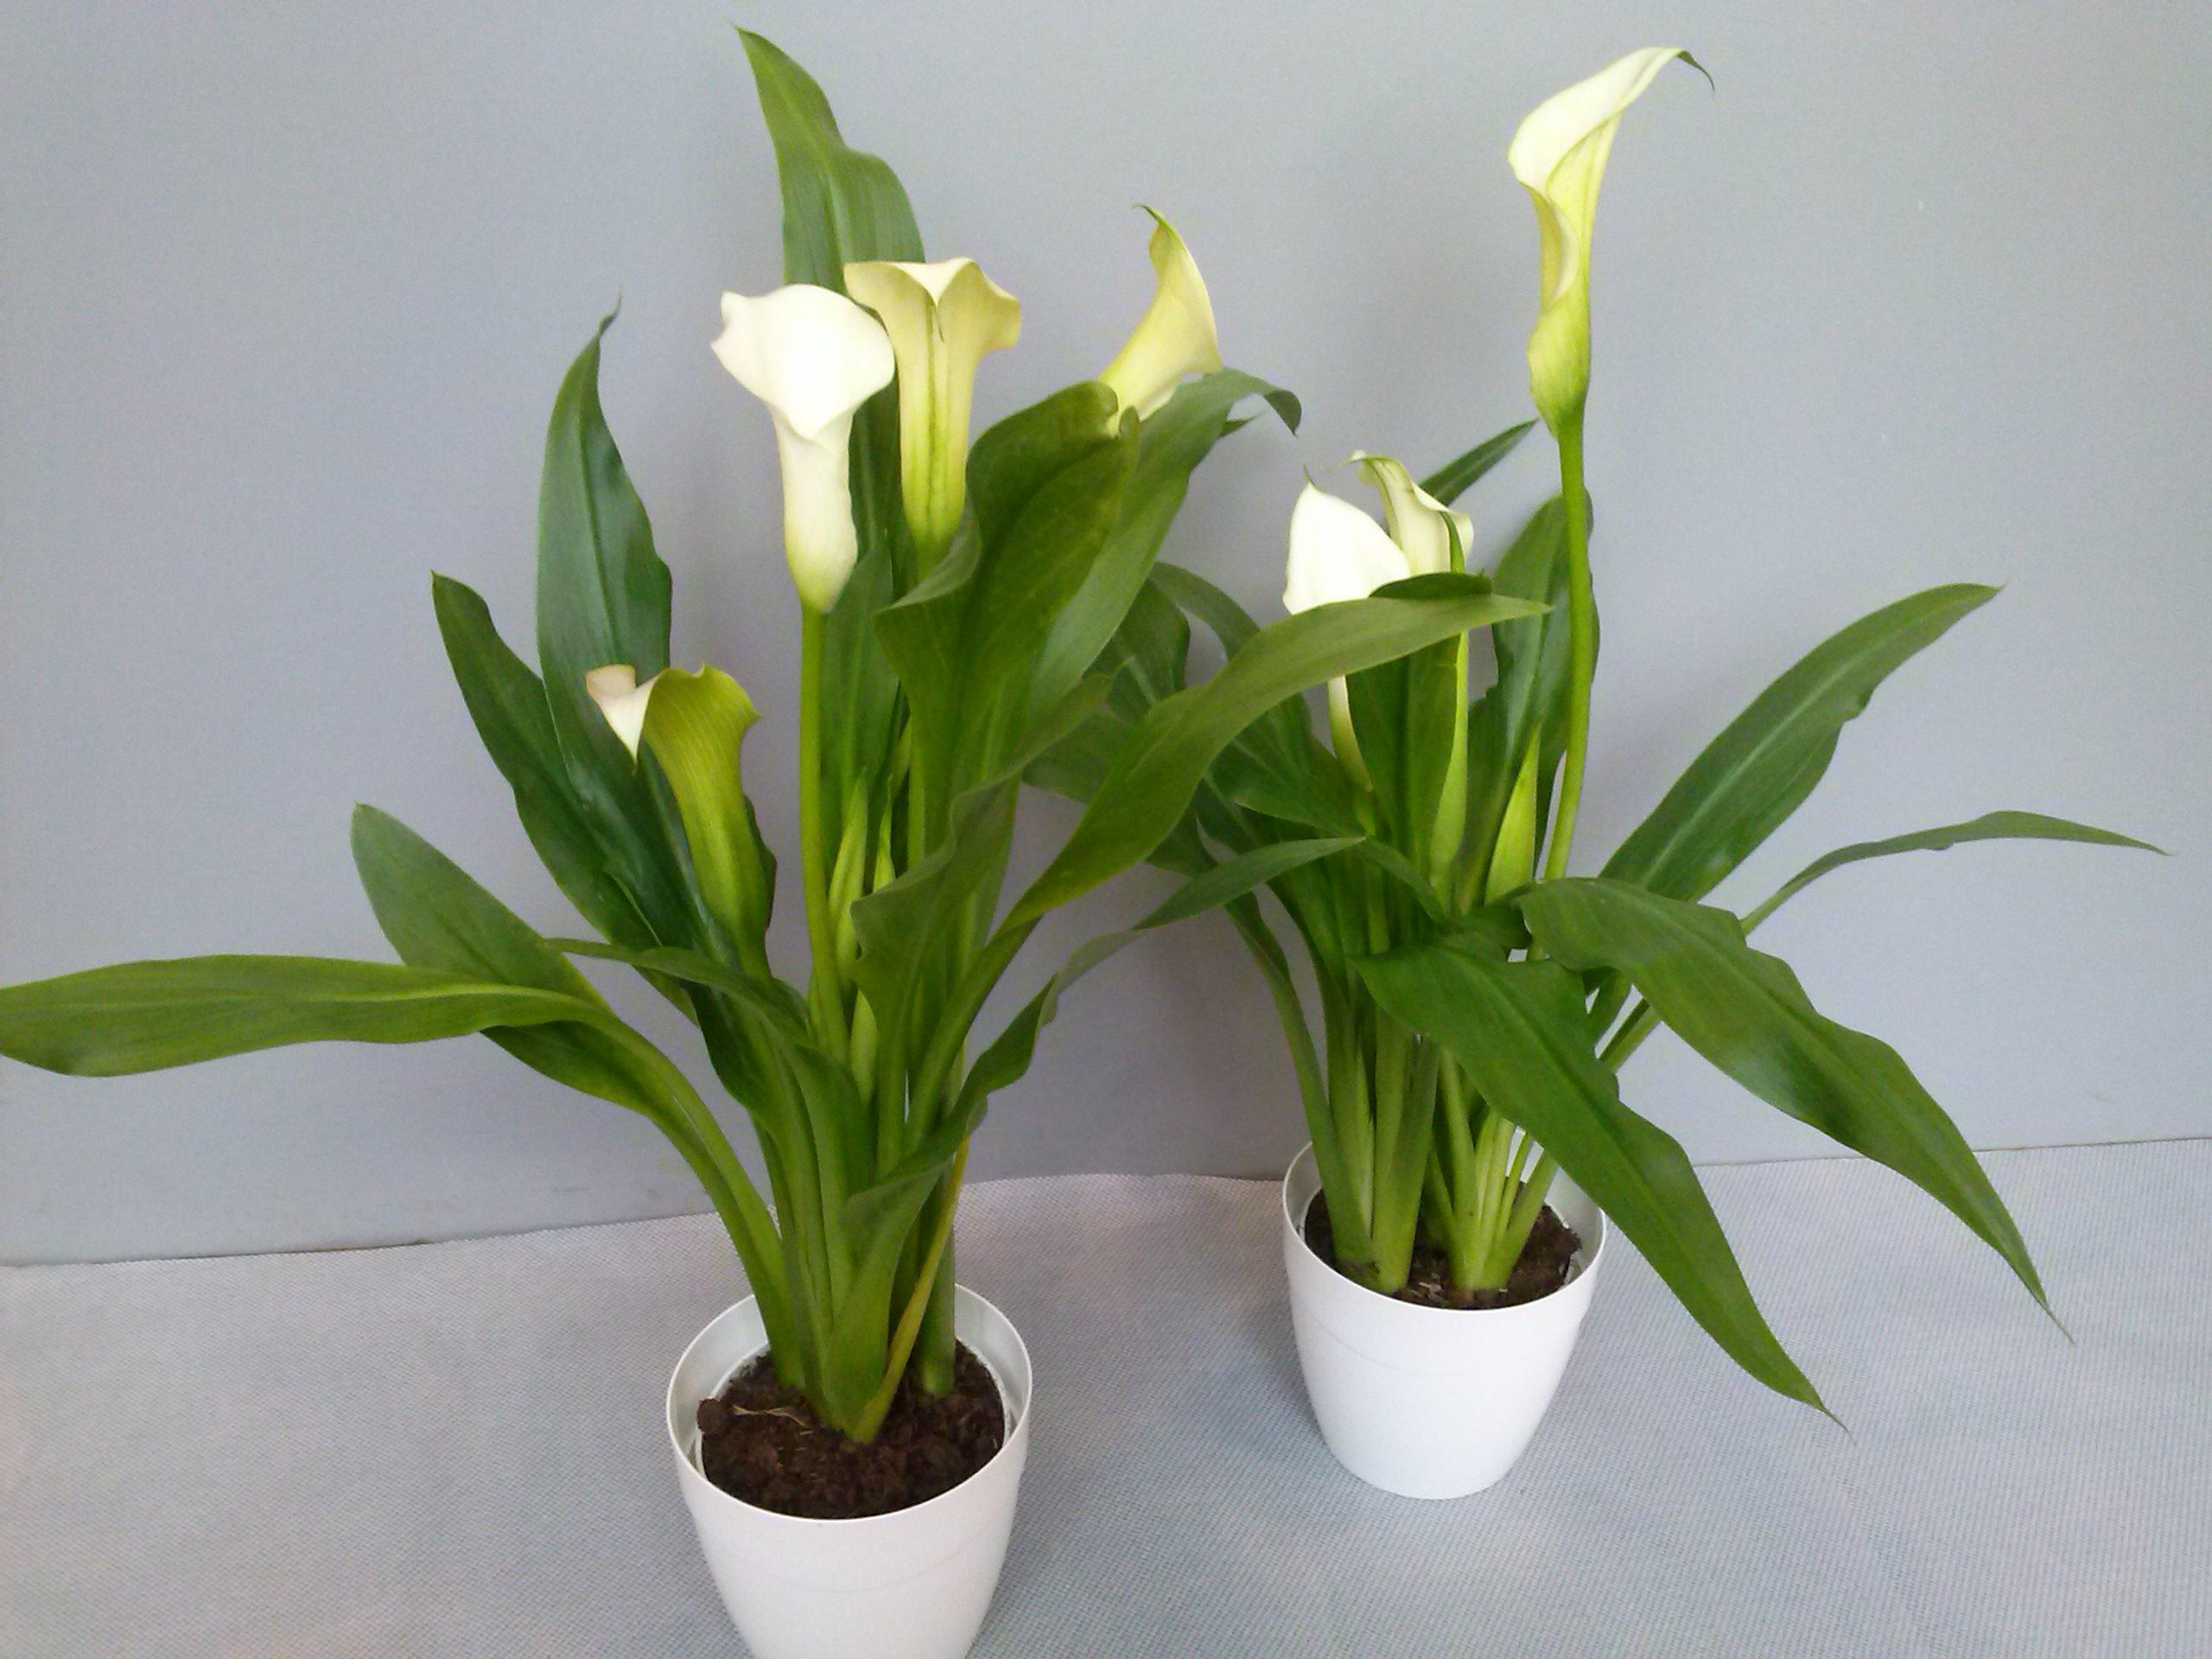 Rośliny Doniczkowe I Zewnętrzne E Kwietnik Studio Florystyczne